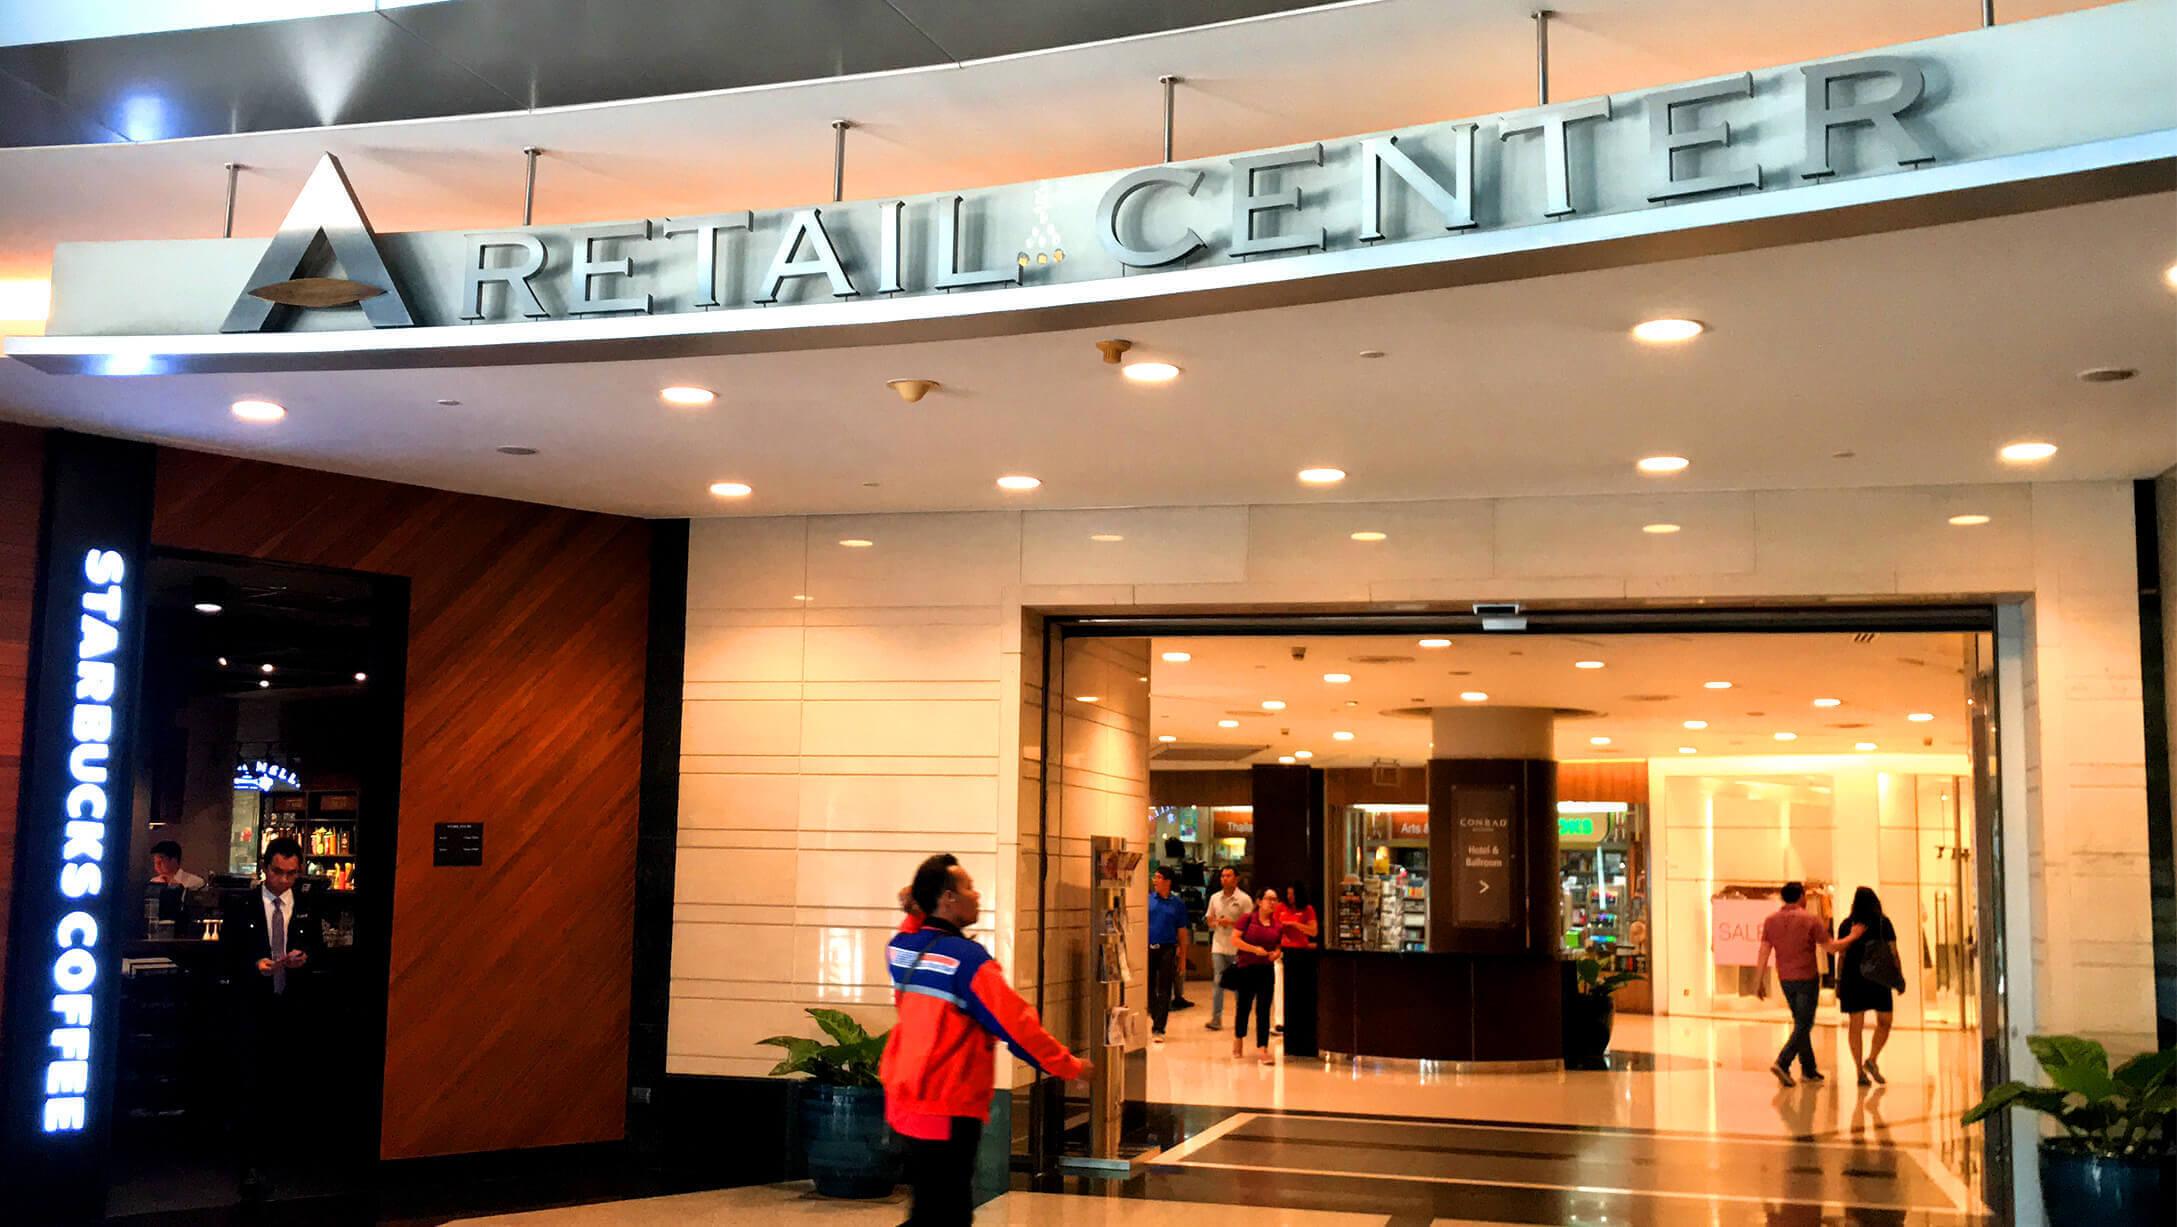 プルンチットオフィス物件M Thai Tower 商業施設の様子